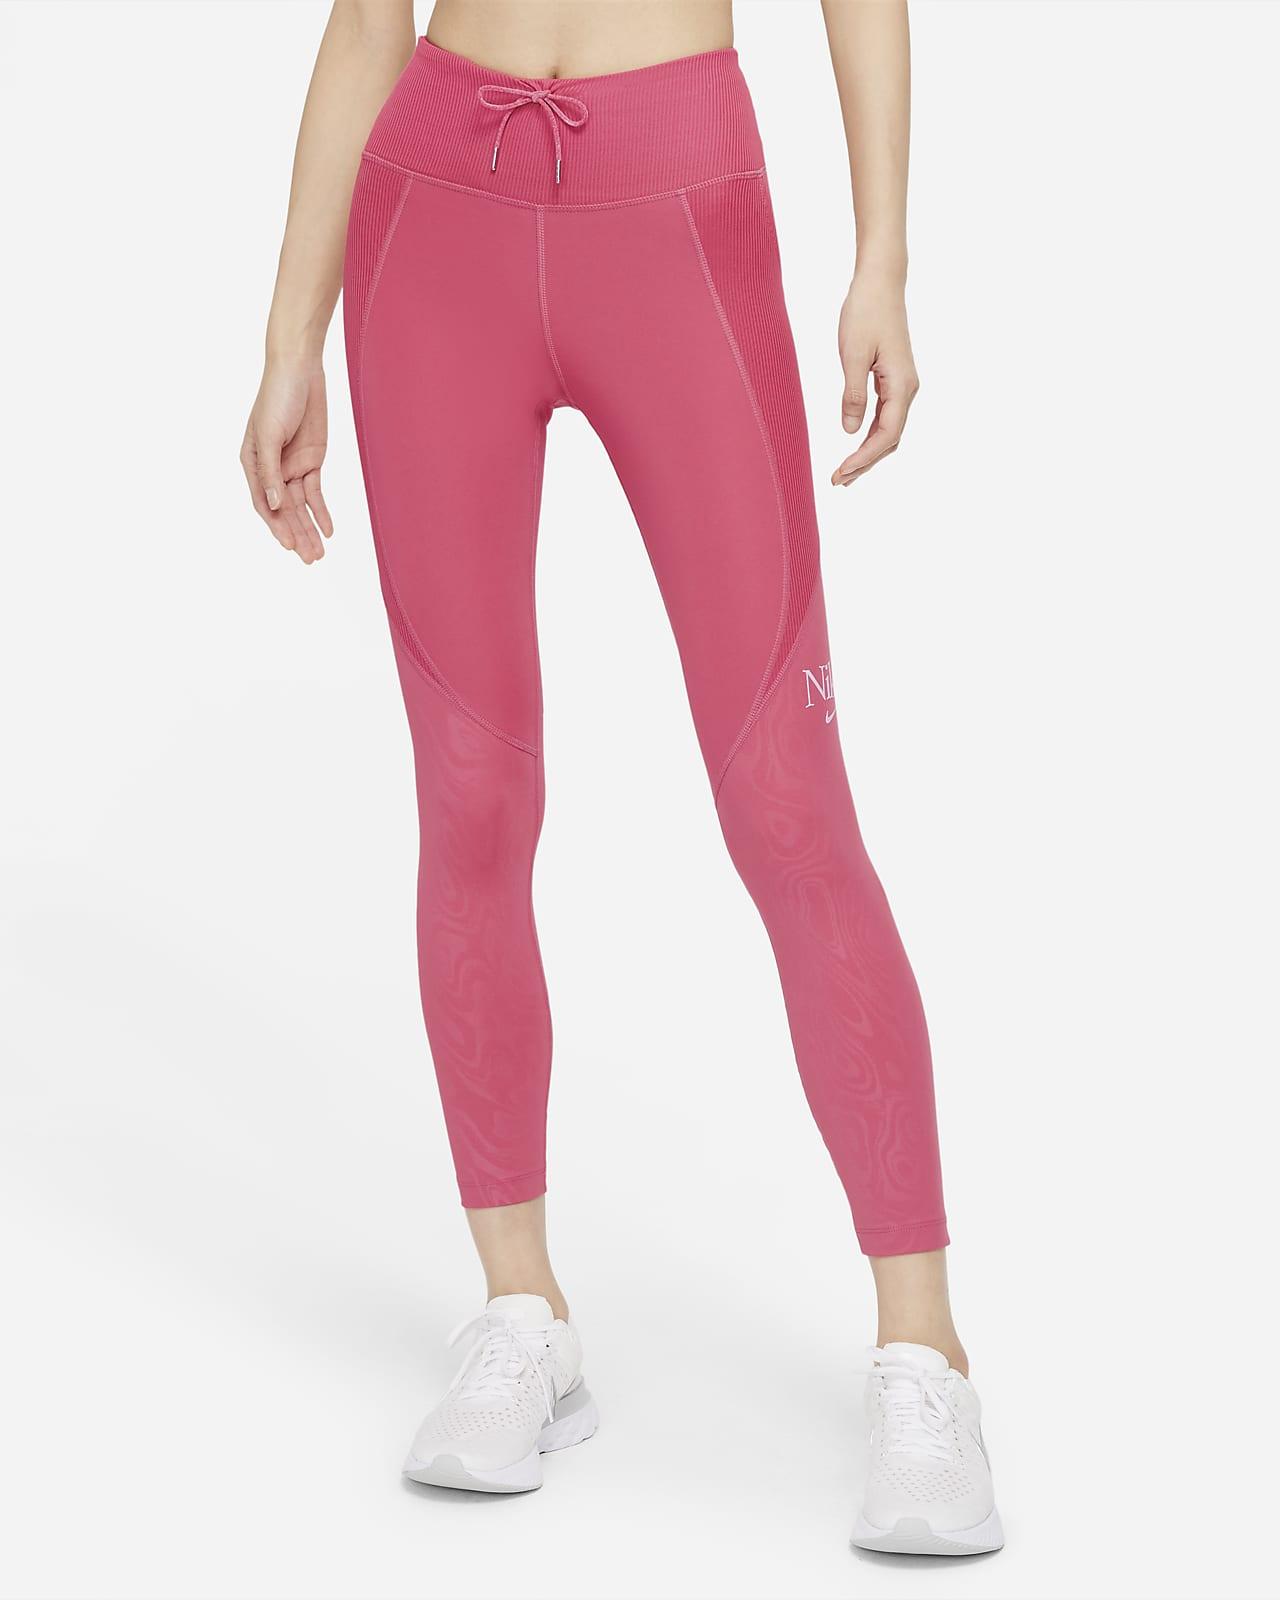 Nike Dri-FIT Femme Fast Women's 7/8 Running Leggings